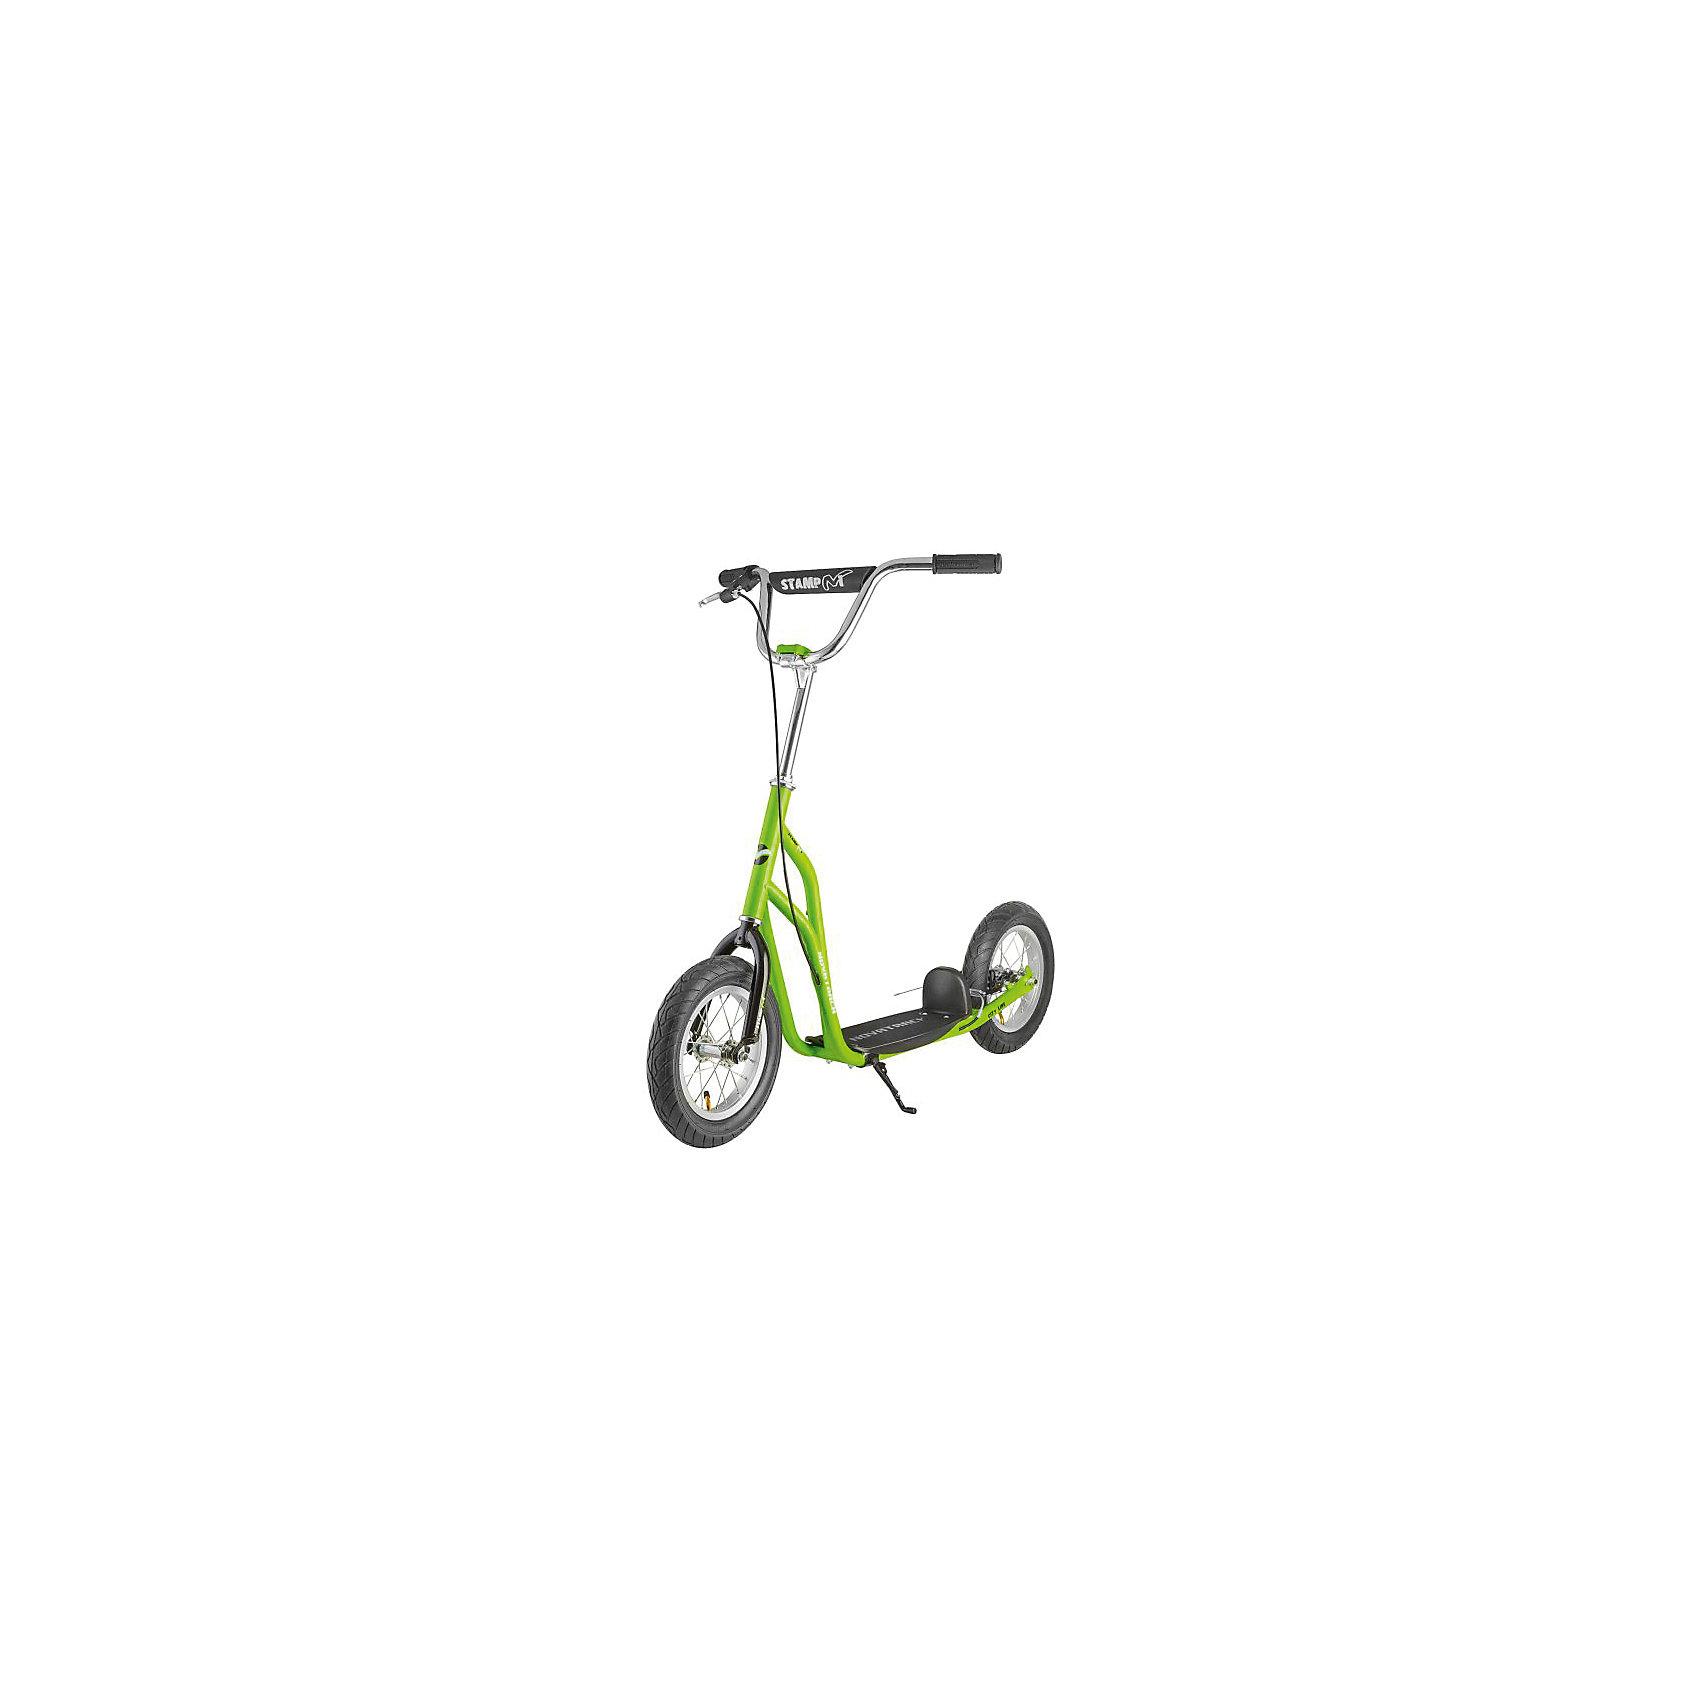 Самокат внедорожный STAMP N1, 100 кг, зеленый, NovatrackСамокаты<br>Характеристики товара:<br><br>• цвет: зелёный<br>• возраст от 8 лет<br>• максимальная нагрузка до 100 кг<br>• материал: алюминий<br>• диаметр колес 12 дюймов (30,5 см)<br>• руль регулируется по высоте: 84 - 100 см<br>• размер платформы: 33*15 см<br>• платформа оснащена подножкой<br>• тип колес: надувные<br>• тормоз: задний<br>• размер упаковки 90х60х20 см<br>• вес упаковки 8,1 кг<br>• страна производитель: Китай<br><br>Самокат внедорожный STAMP N1 Novatrack черный обязательно понравится юным райдерам. Он напоминает небольшой велосипед с большими колесами. Самокат едет не только по городским улочкам, но и без труда преодолевает ухабистую местность и лесные тропинки. Благодаря большим надувным колесам достигается ровная и бесшумная езда. <br><br>Самокат оснащен задними тормозами для быстрого торможения перед препятствием или на спуске с горки. Подножка фиксирует самокат в вертикальном положении во время остановки. Рама выполнена из прочного алюминия, покрытого специальным антикоррозийным покрытием. Размер деки позволяет ставить на нее сразу две ноги. <br><br>Самокат внедорожный STAMP N1 Novatrack черный можно приобрести в нашем интернет-магазине.<br><br>Ширина мм: 900<br>Глубина мм: 200<br>Высота мм: 600<br>Вес г: 8111<br>Возраст от месяцев: 72<br>Возраст до месяцев: 2147483647<br>Пол: Унисекс<br>Возраст: Детский<br>SKU: 5528465